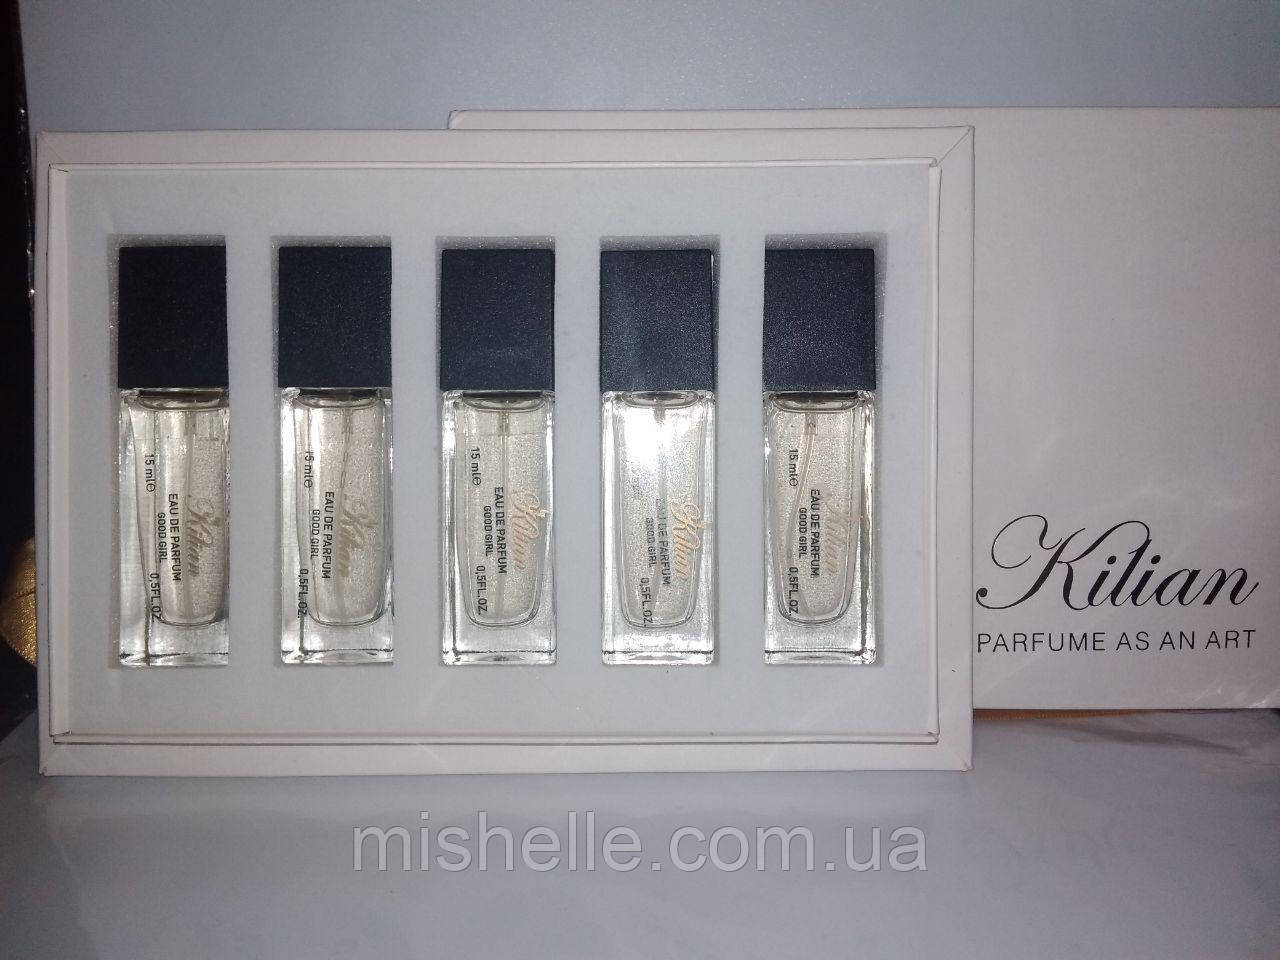 Набор мини-парфюмов Kilian Good girl 5 по 15мл